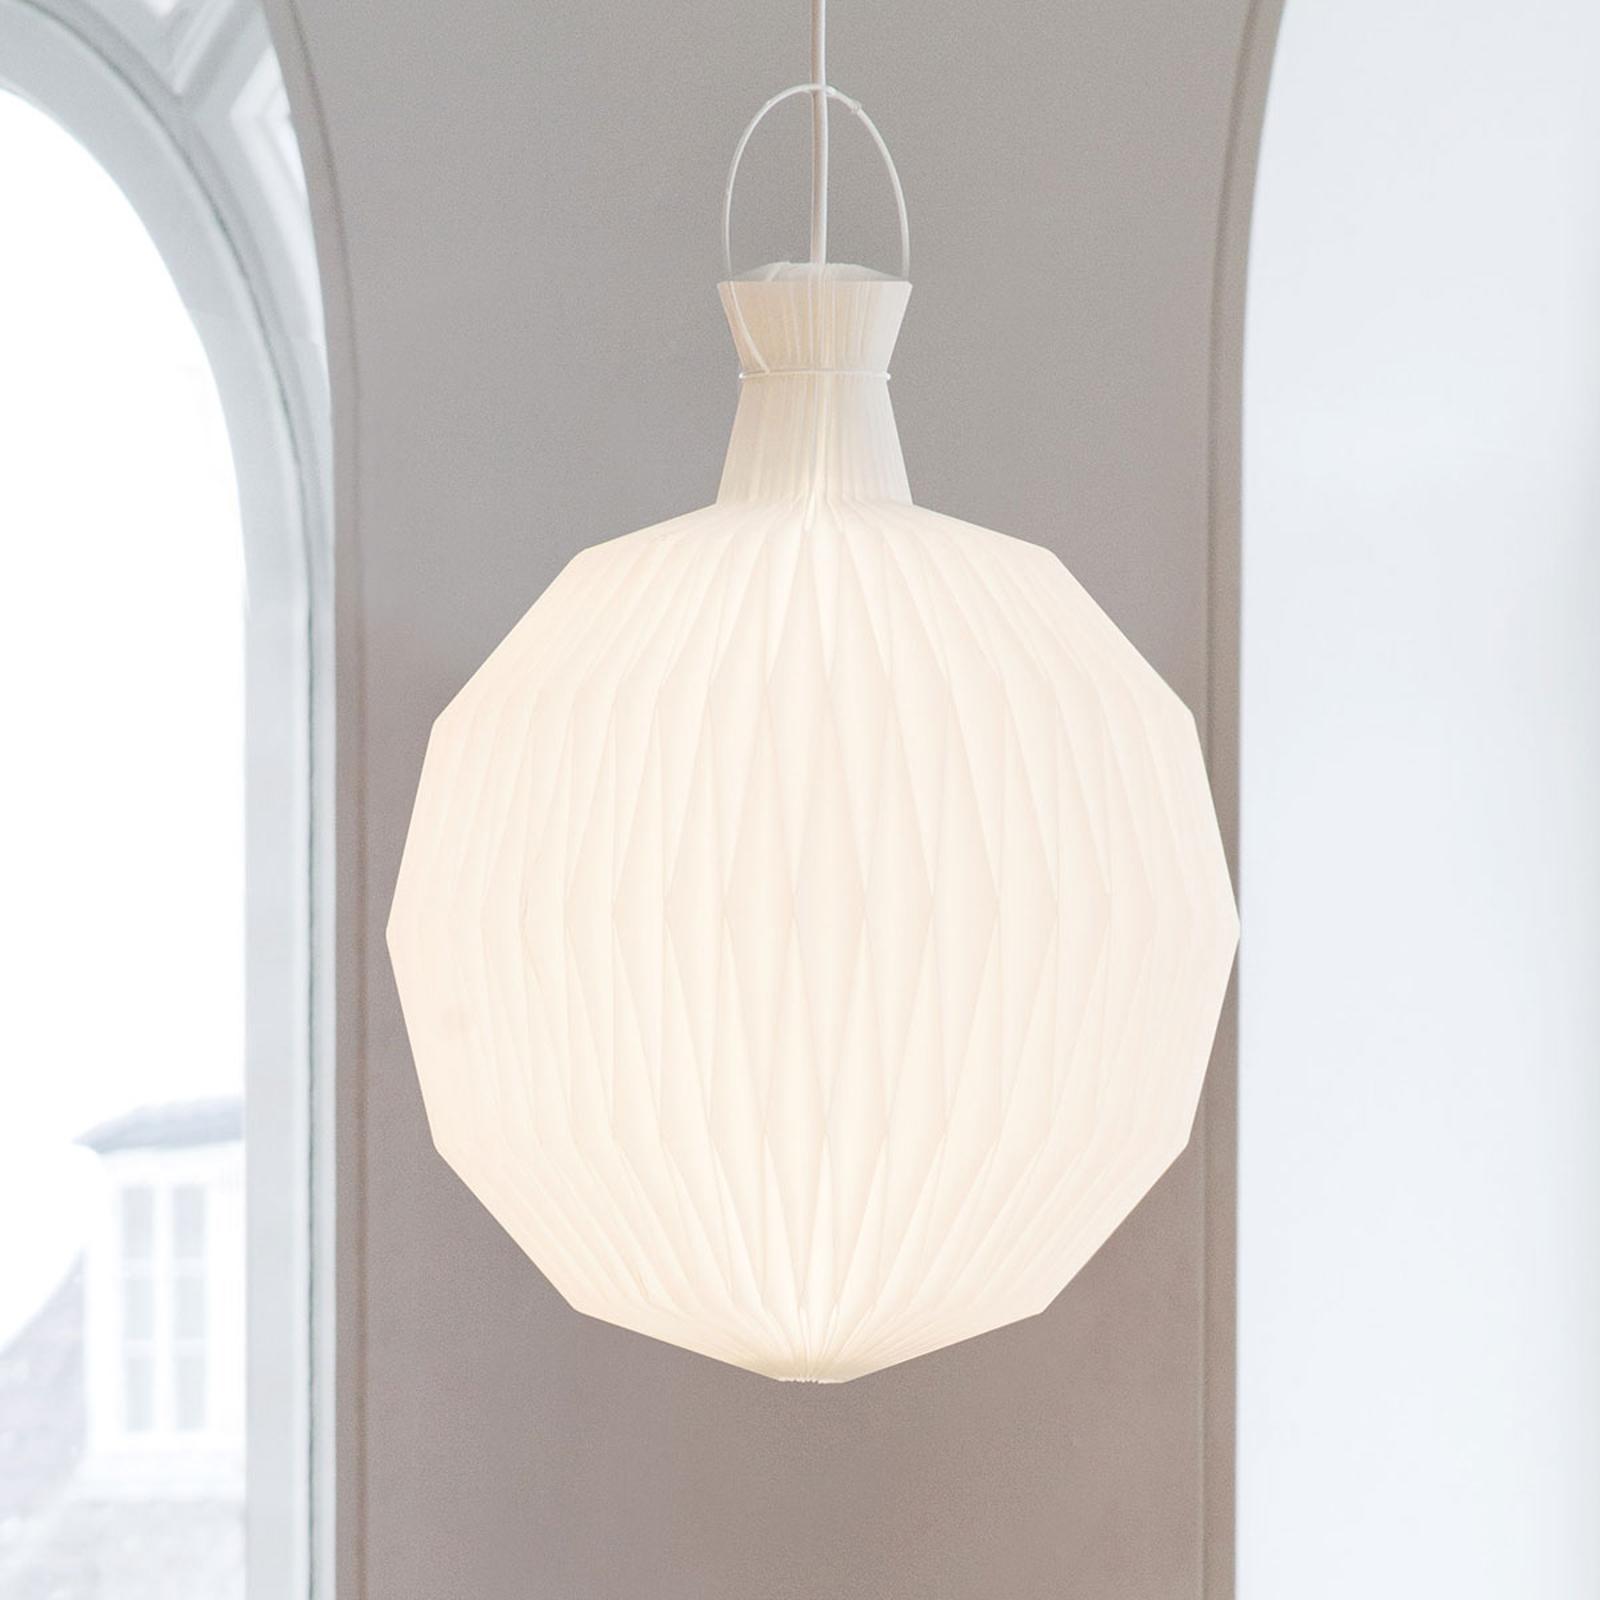 LE KLINT 101 Medium, ručně skládané závěsné světlo